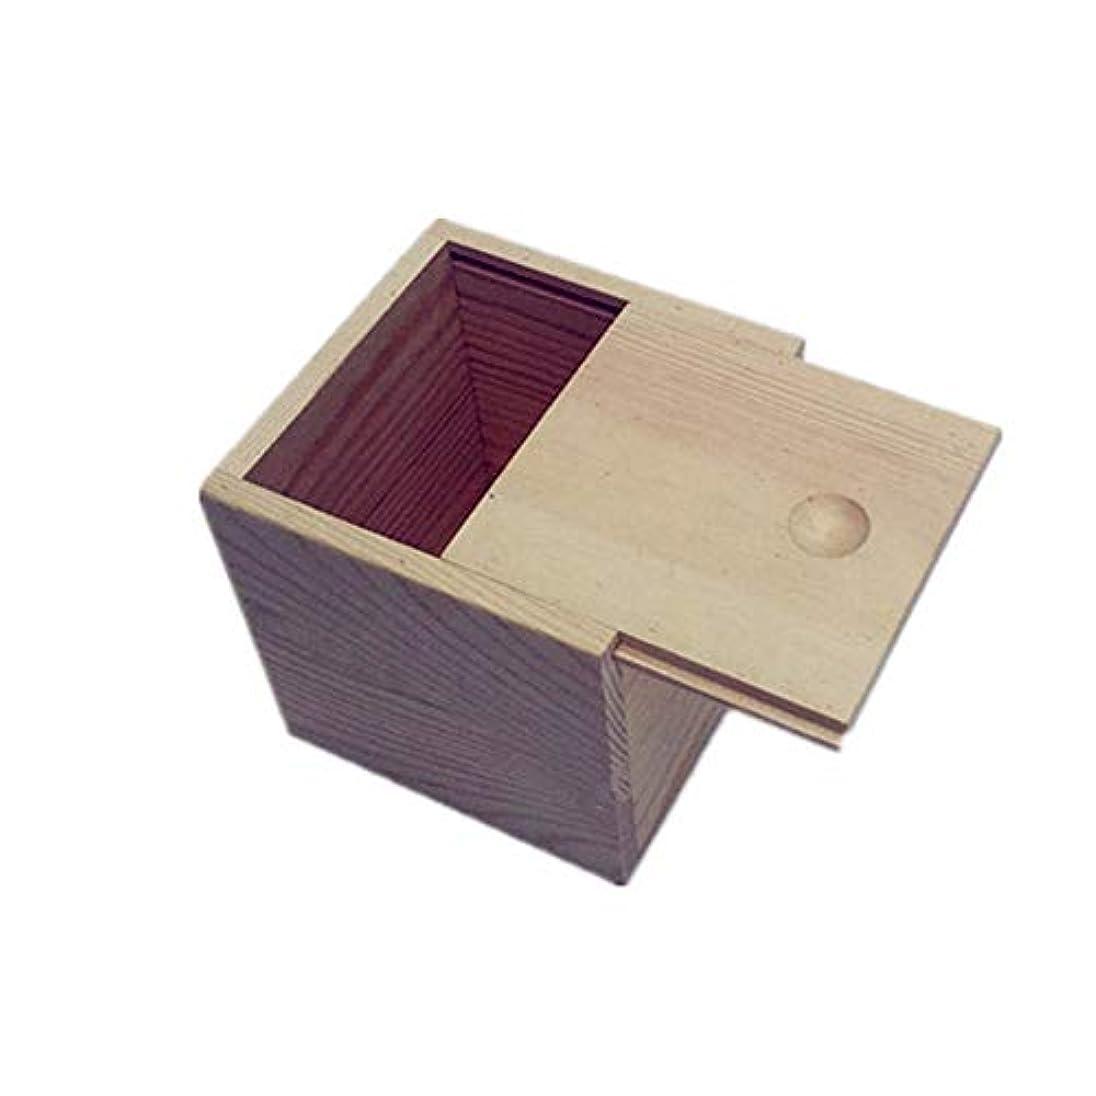 れる神経キリマンジャロ精油ケース 木製のエッセンシャルオイルストレージボックス安全なスペースセーバーあなたの油を維持するためのベスト 携帯便利 (色 : Natural, サイズ : 9X9X5CM)